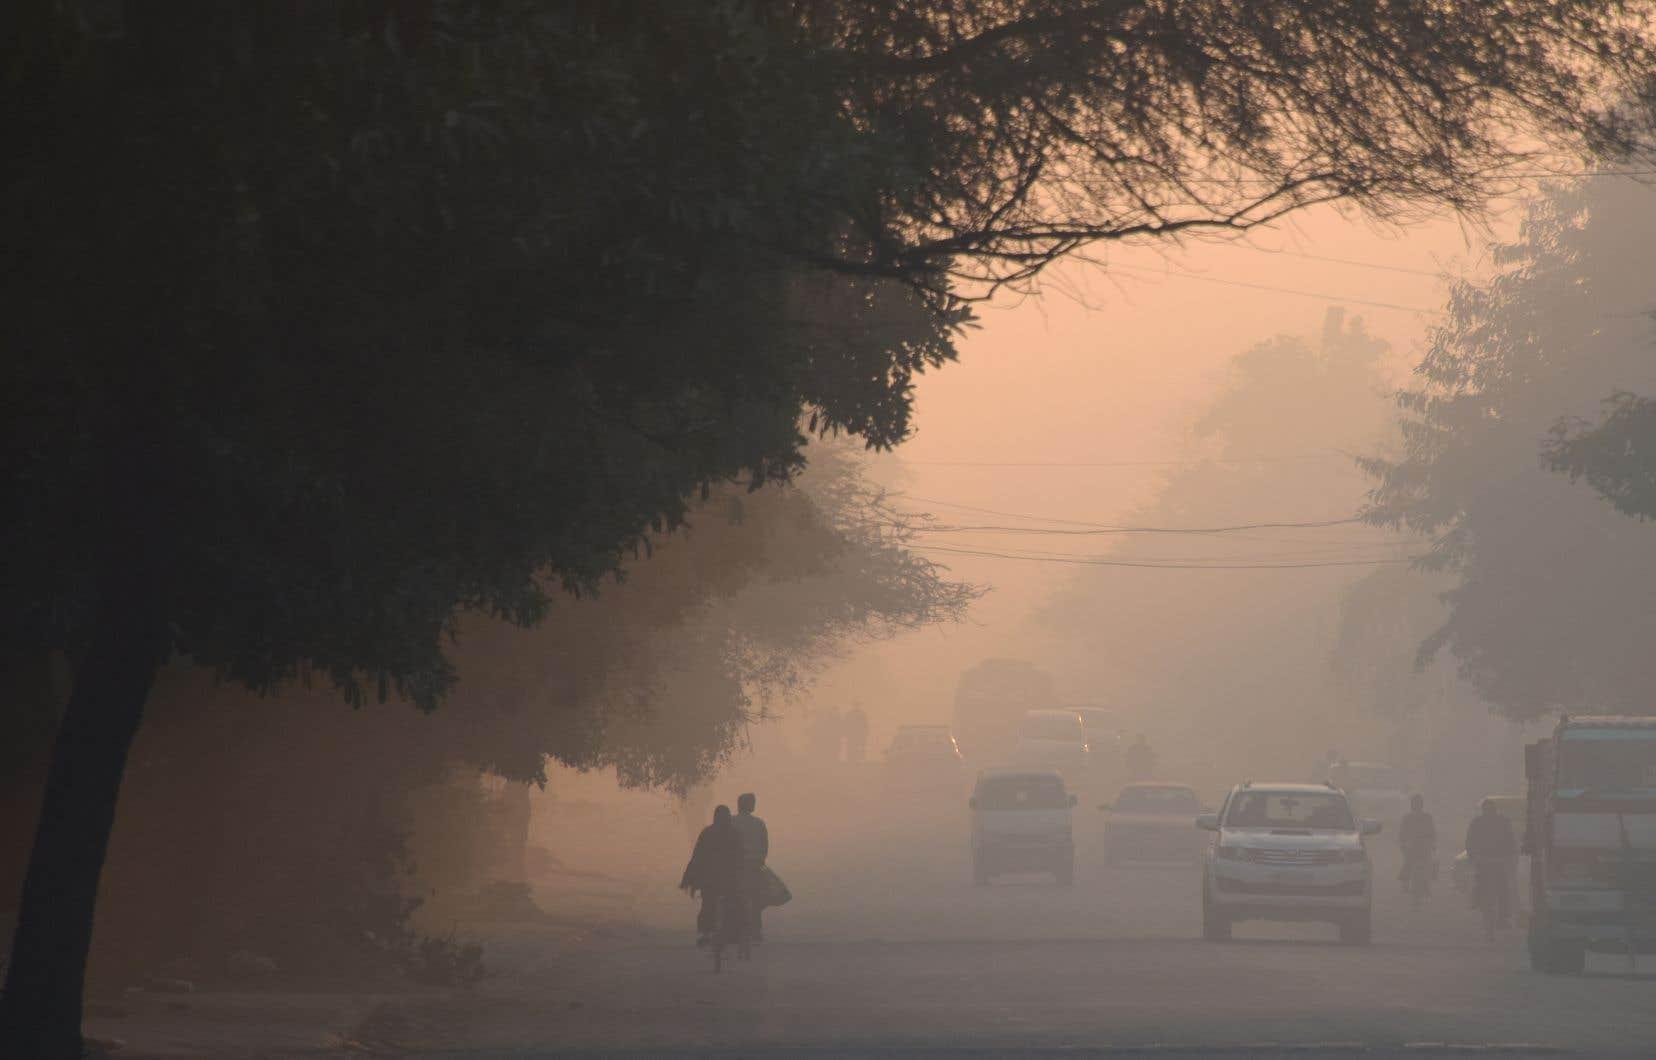 Des Indiens marchent dans un épais smog à Gurgaon le 7 mars 2019, un jour après avoir été placé en tête d'un rapport sur les villes les plus polluées au monde pour 2018.